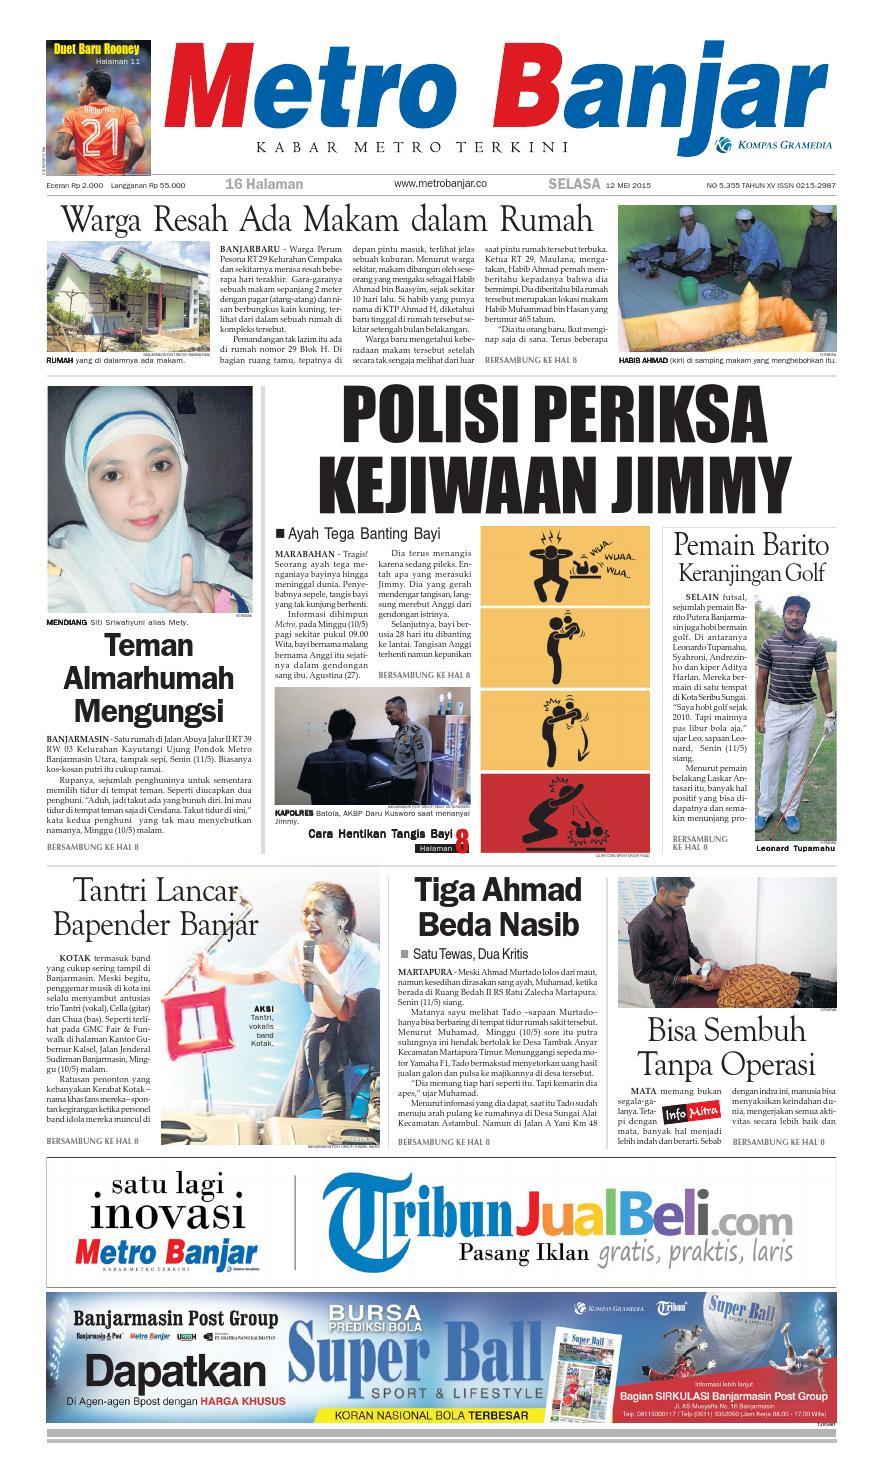 Metro Banjar Selasa 12 Mei 2015 By Harian Issuu Gendongan Bayi Depan Mbg 6201 Free Ongkir Jabodetabek